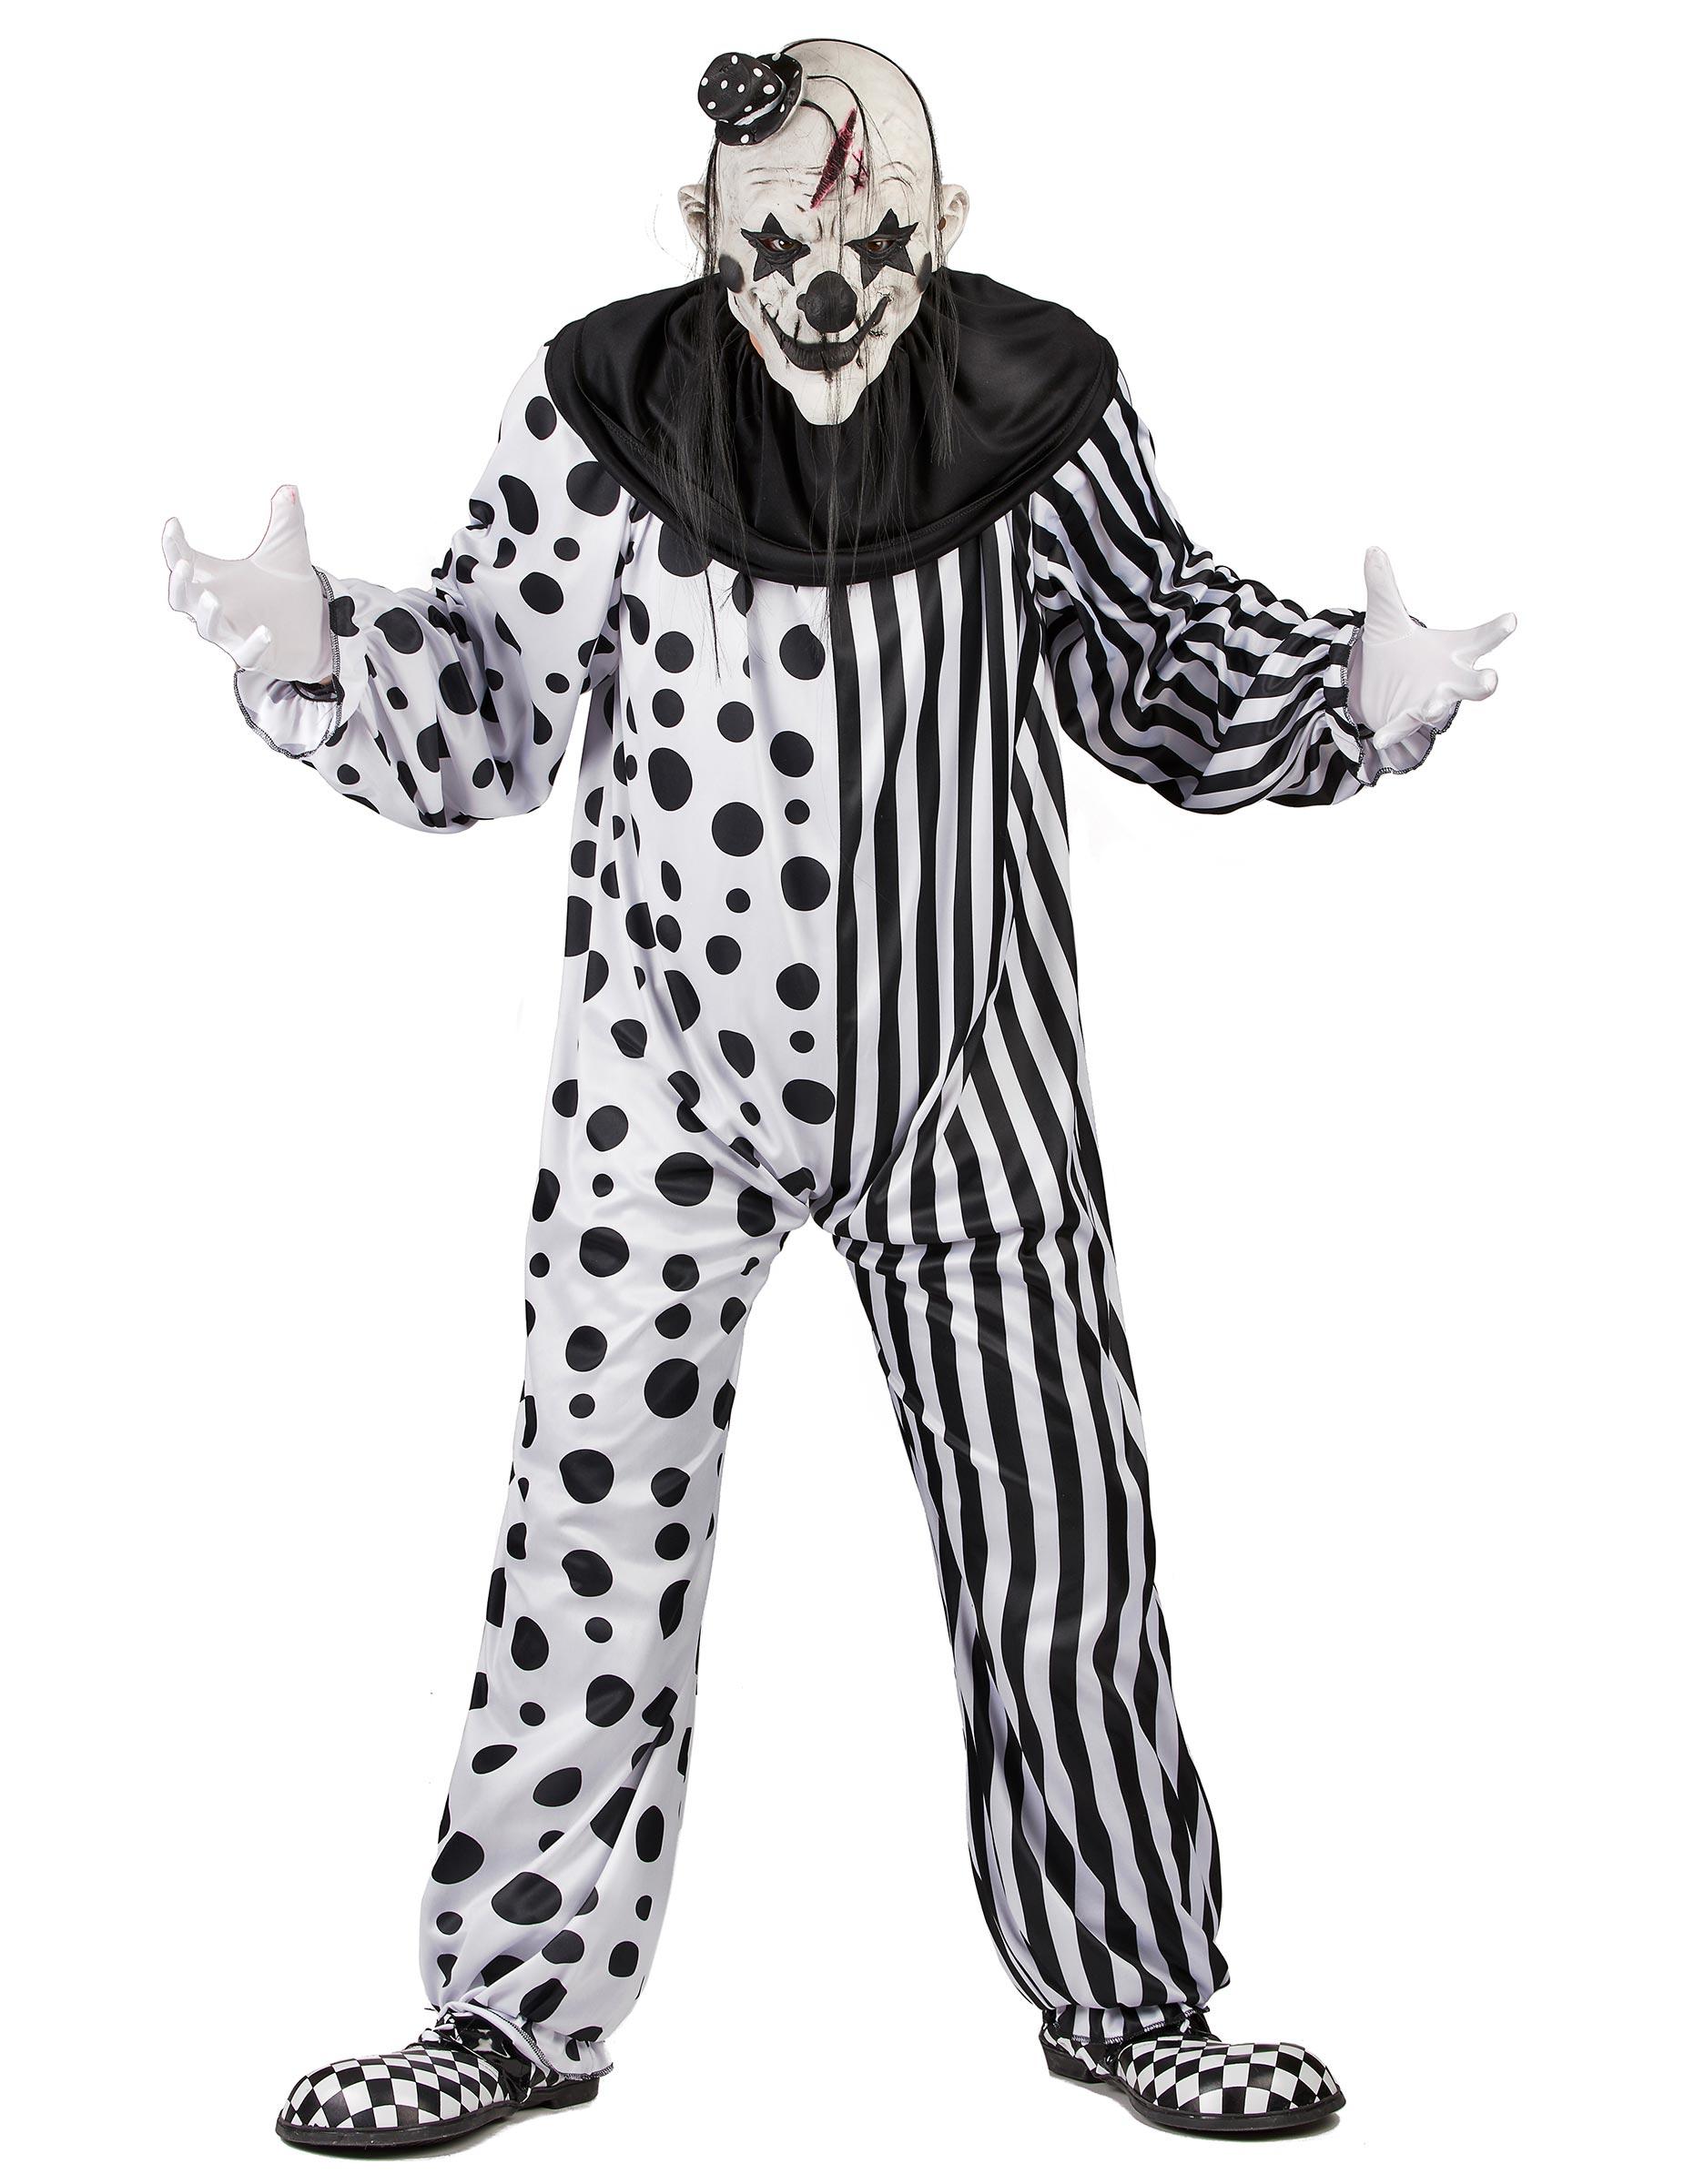 Svart och vit skräckclown - Kostym för vuxna till Halloween cbadfb01c4723